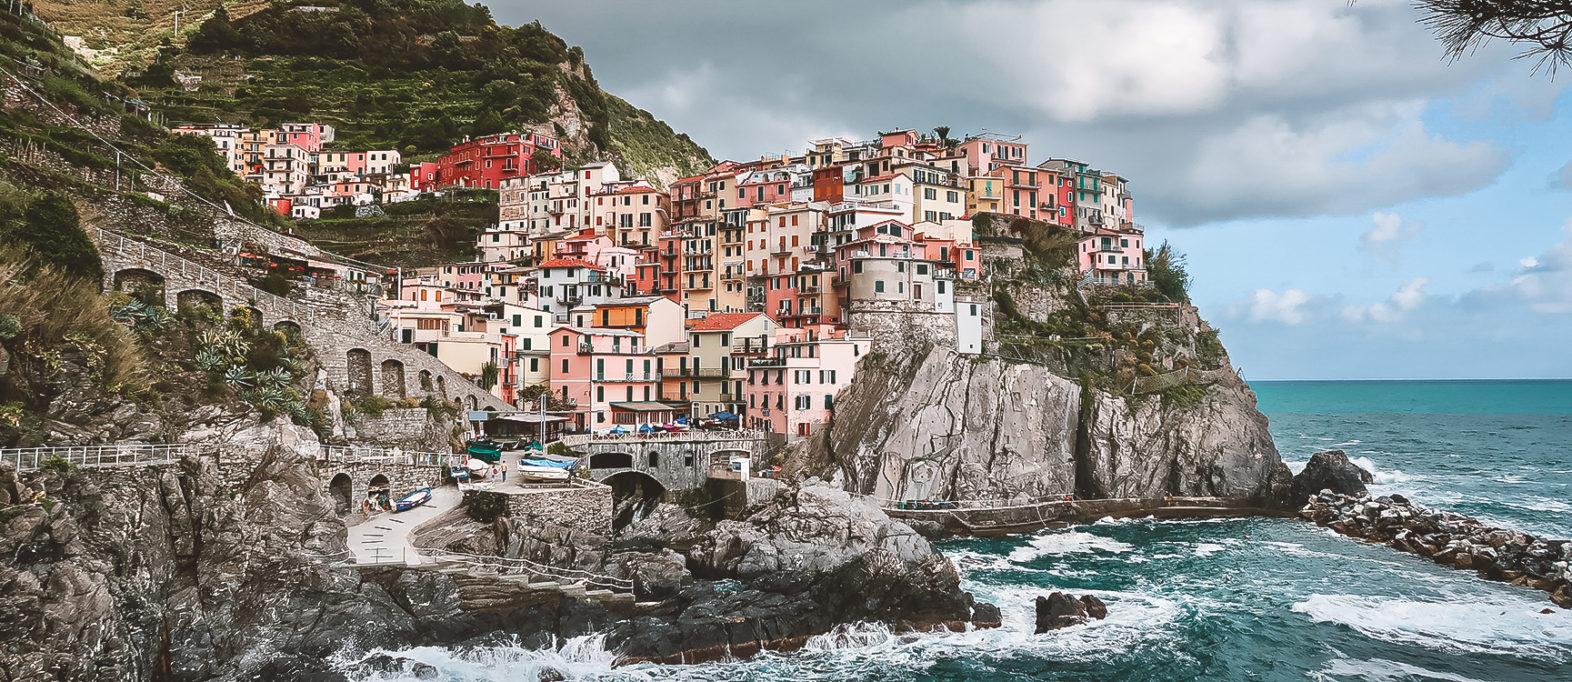 Cinque Terre: Sehenswürdigkeiten und Tipps für Italiens bunte Dörfer